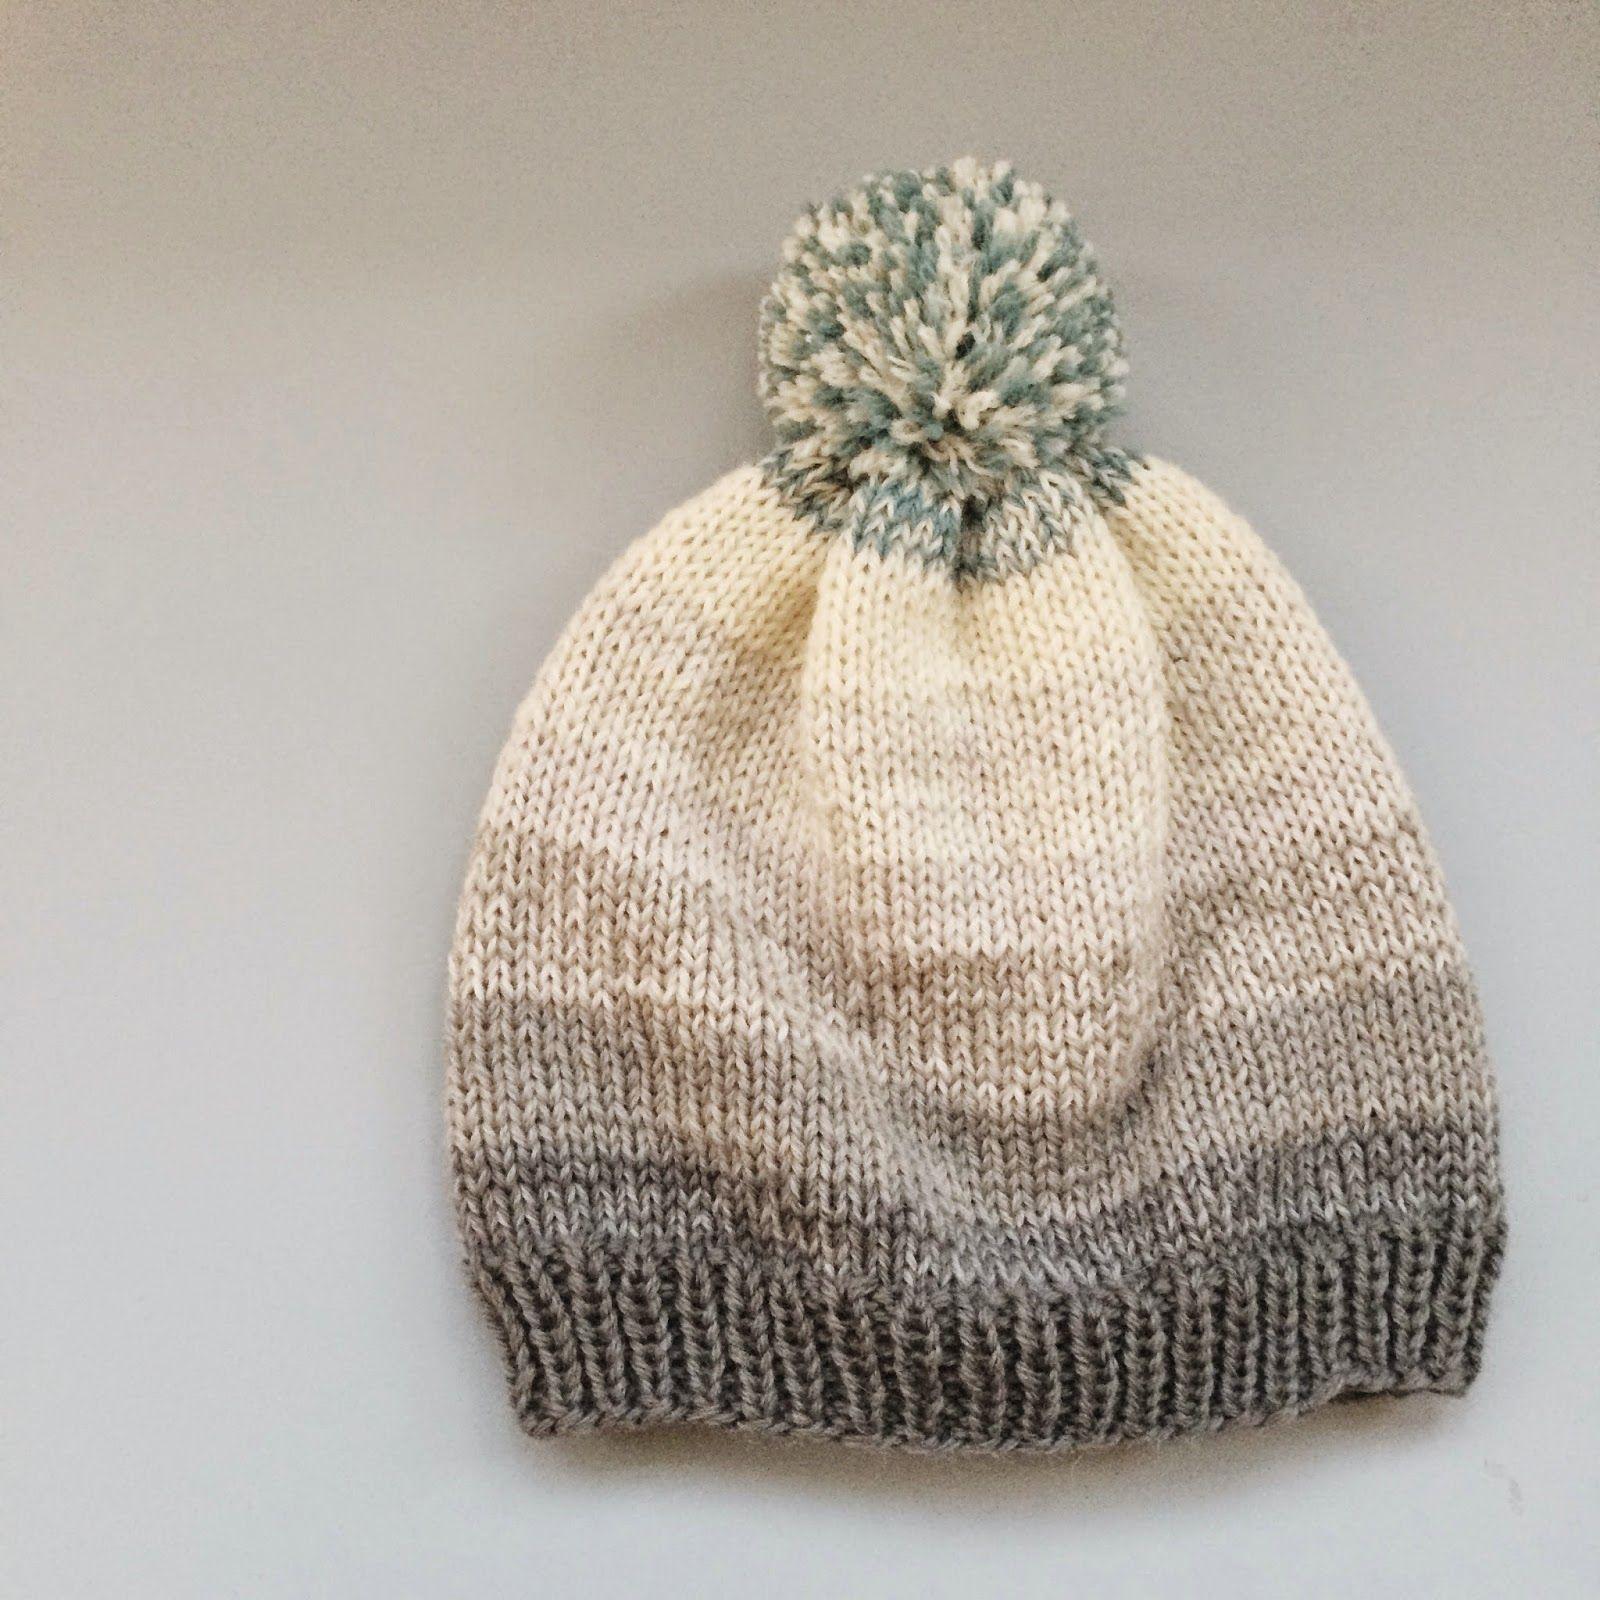 Bobs Beanie - gratis strikkeopskrift fra Meraki | Knitting ...